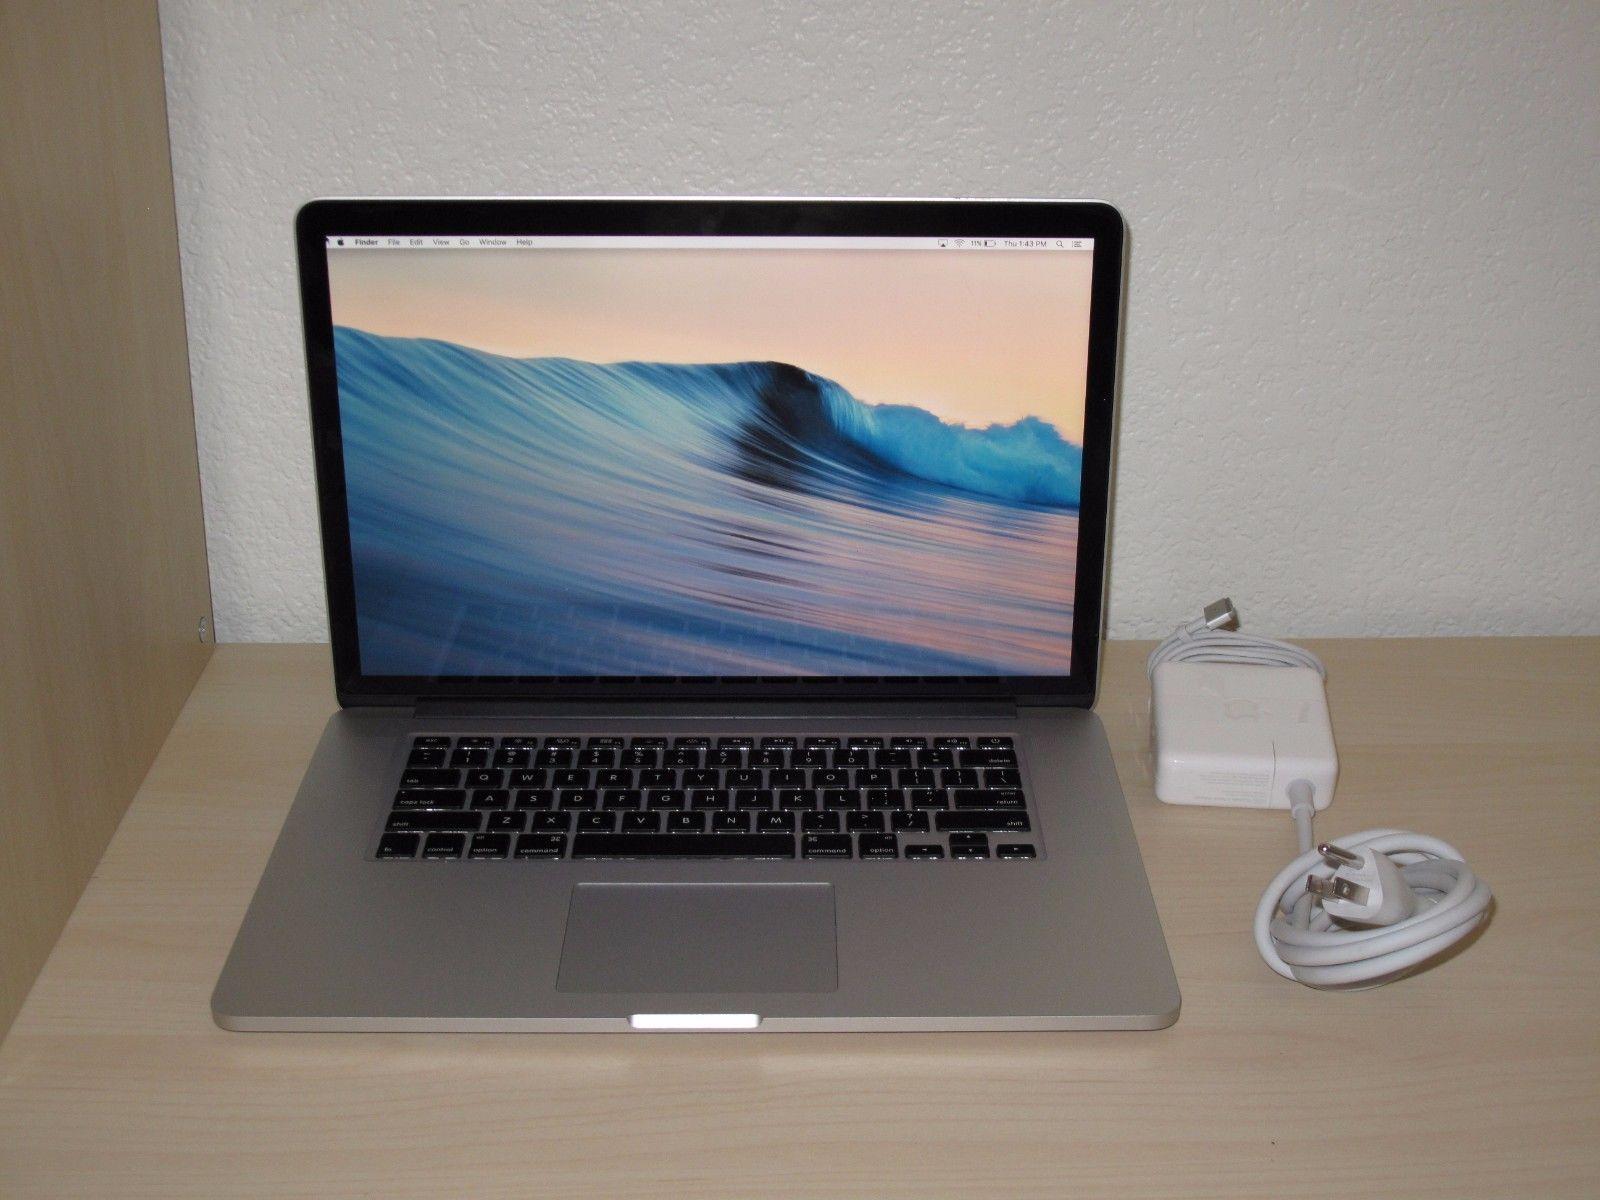 Apple MacBook Pro A1398 15.4 MGXA2LLA Mid 2014